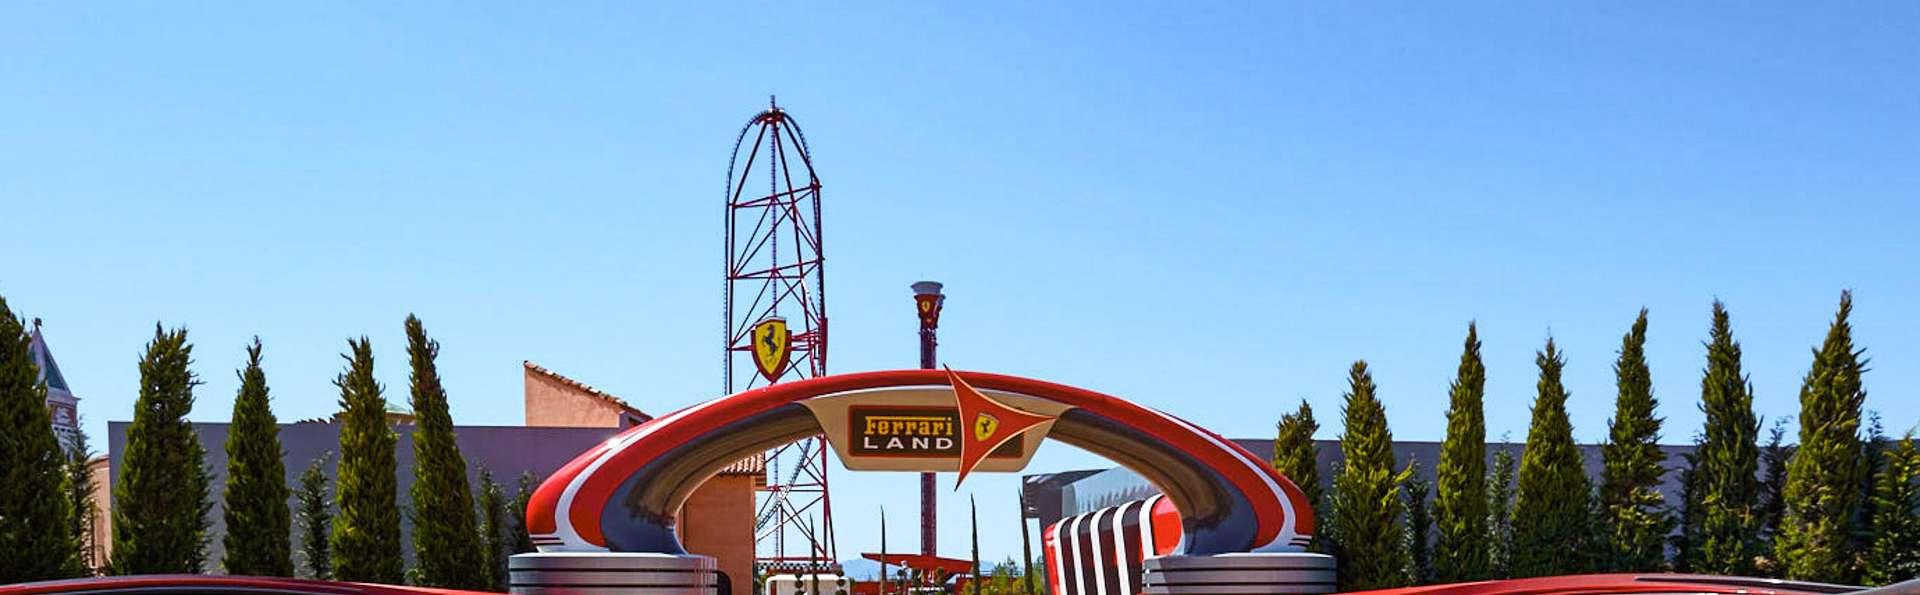 Découvrez le monde unique de Ferrari dans le nouveau parc de PortAventura (à partit de 2 nuits)